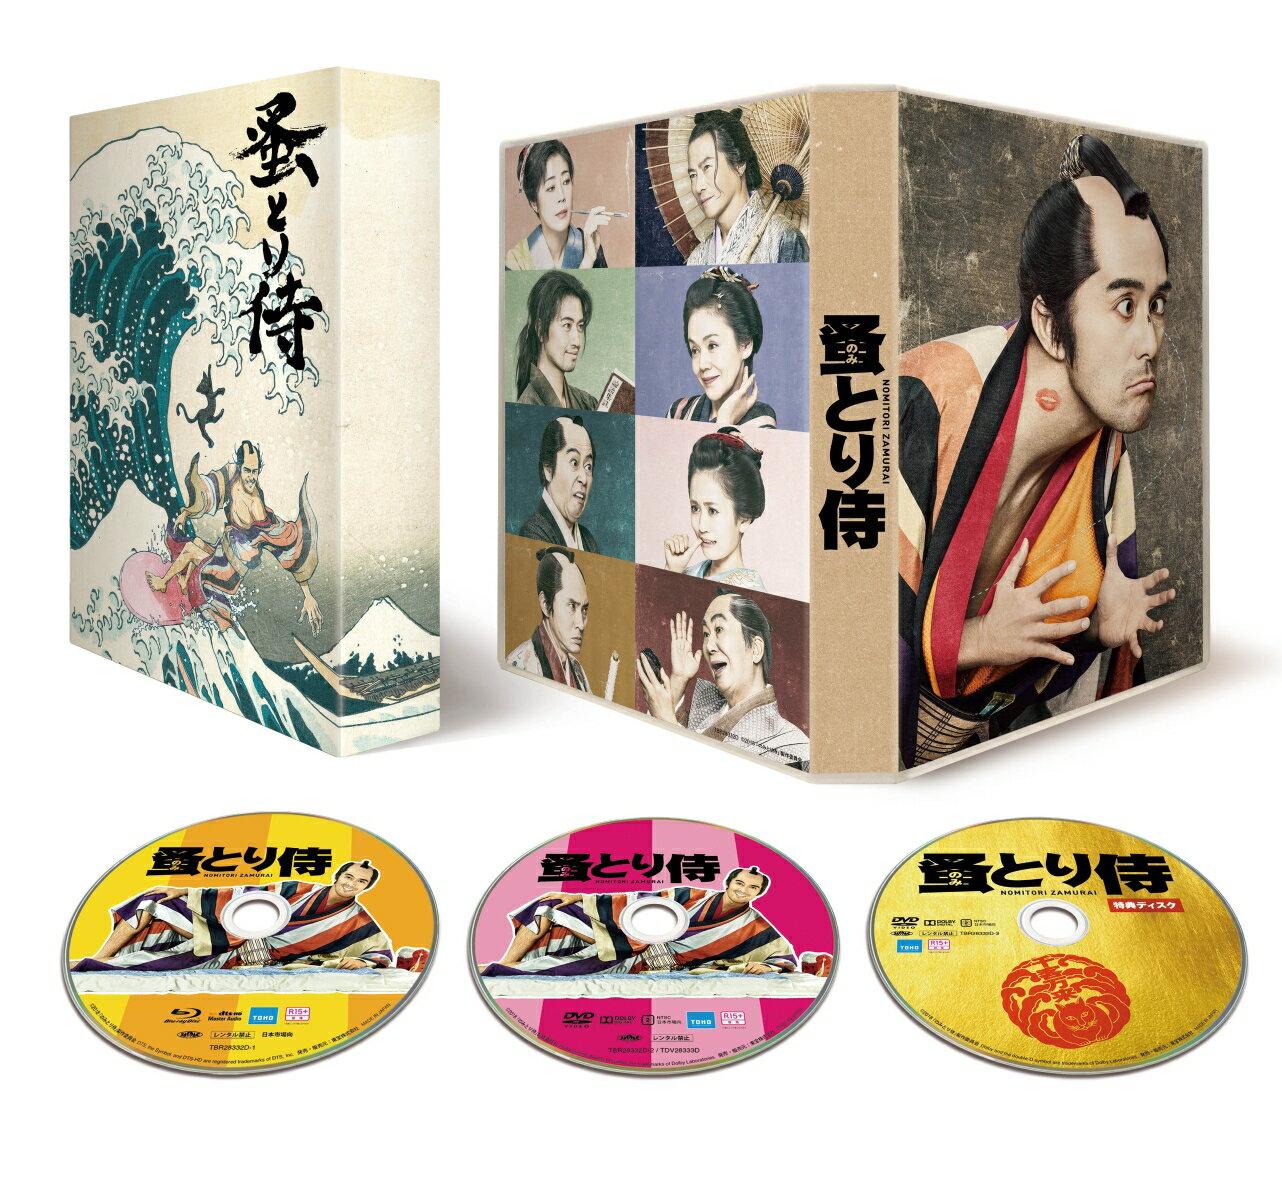 のみとり侍 Blu-ray 豪華版【Blu-ray】 [ 阿部寛 ]